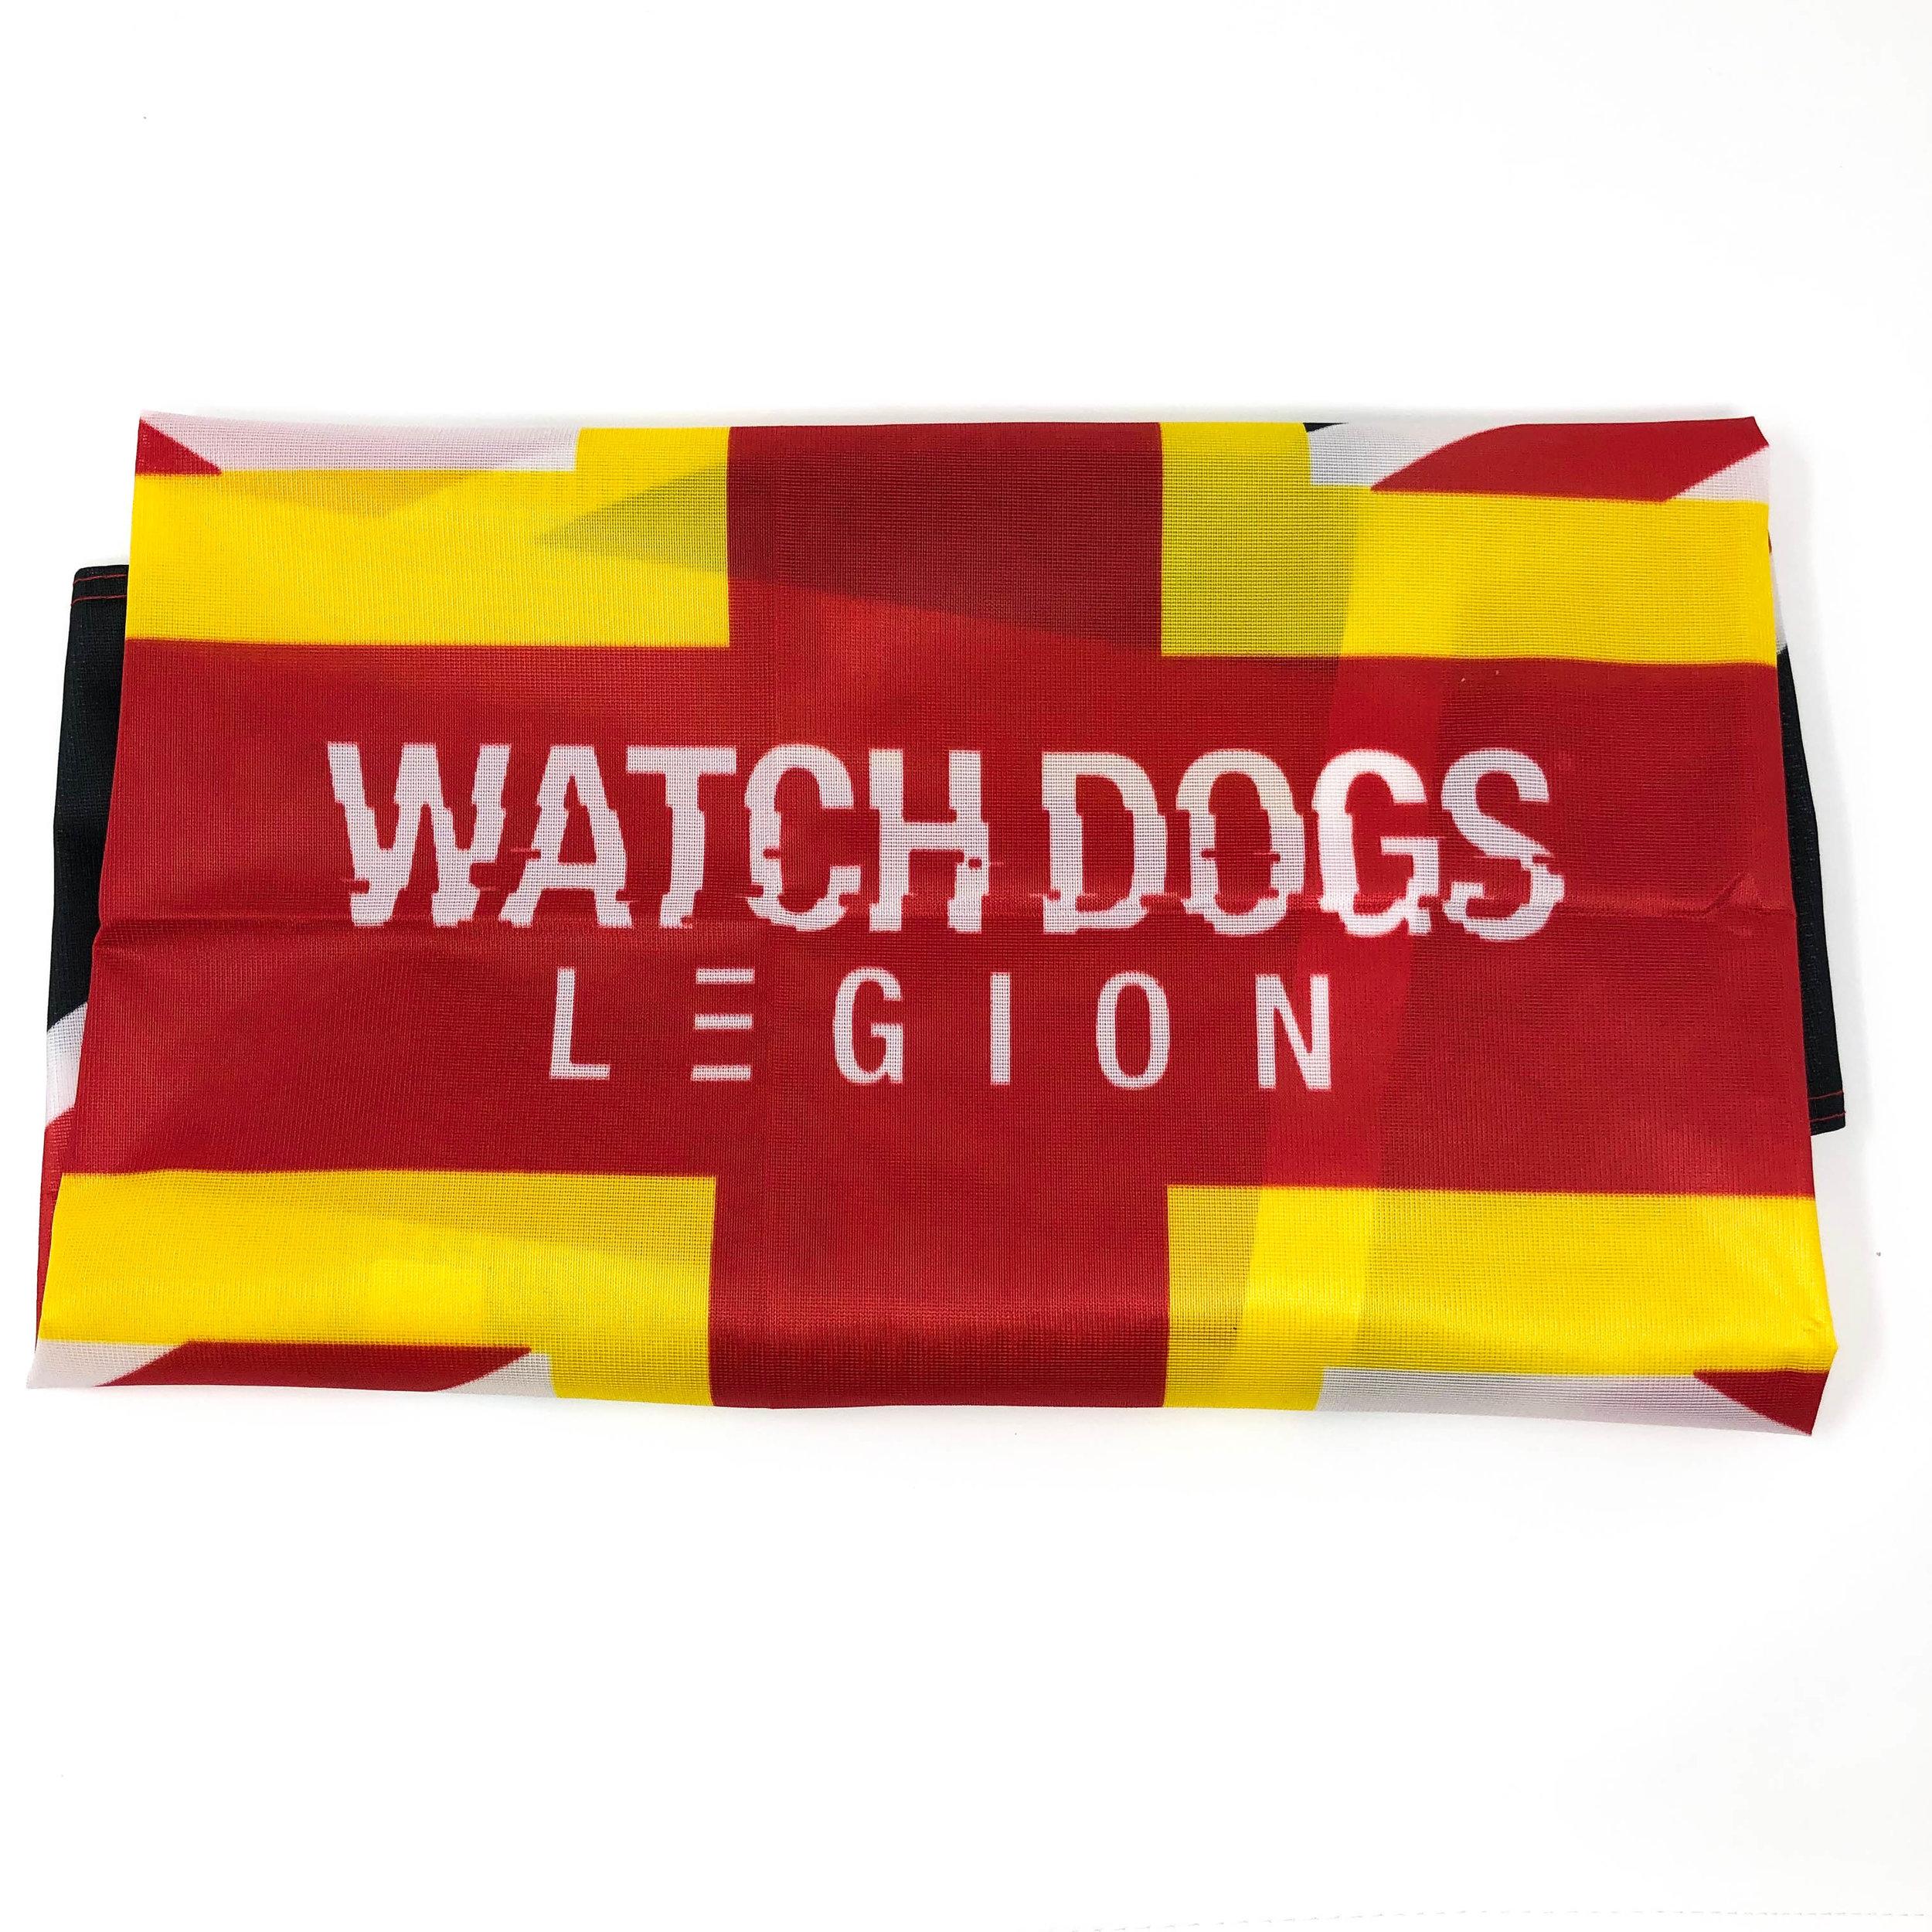 Watchdogs Legion Flag